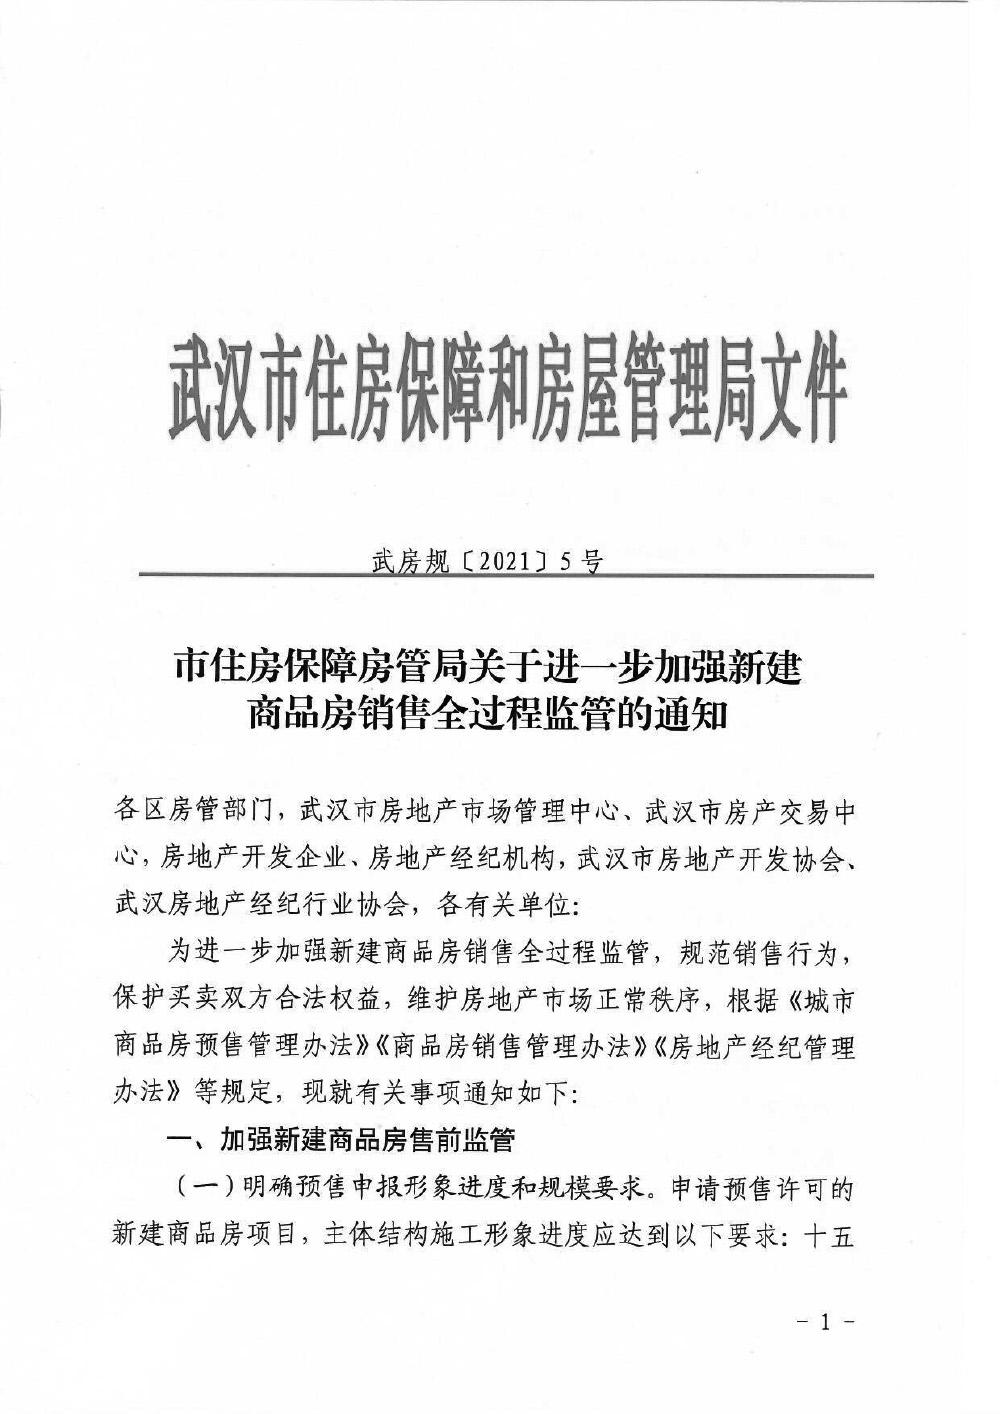 武汉:新楼盘最多开盘5次 禁止任何方式拆分房款